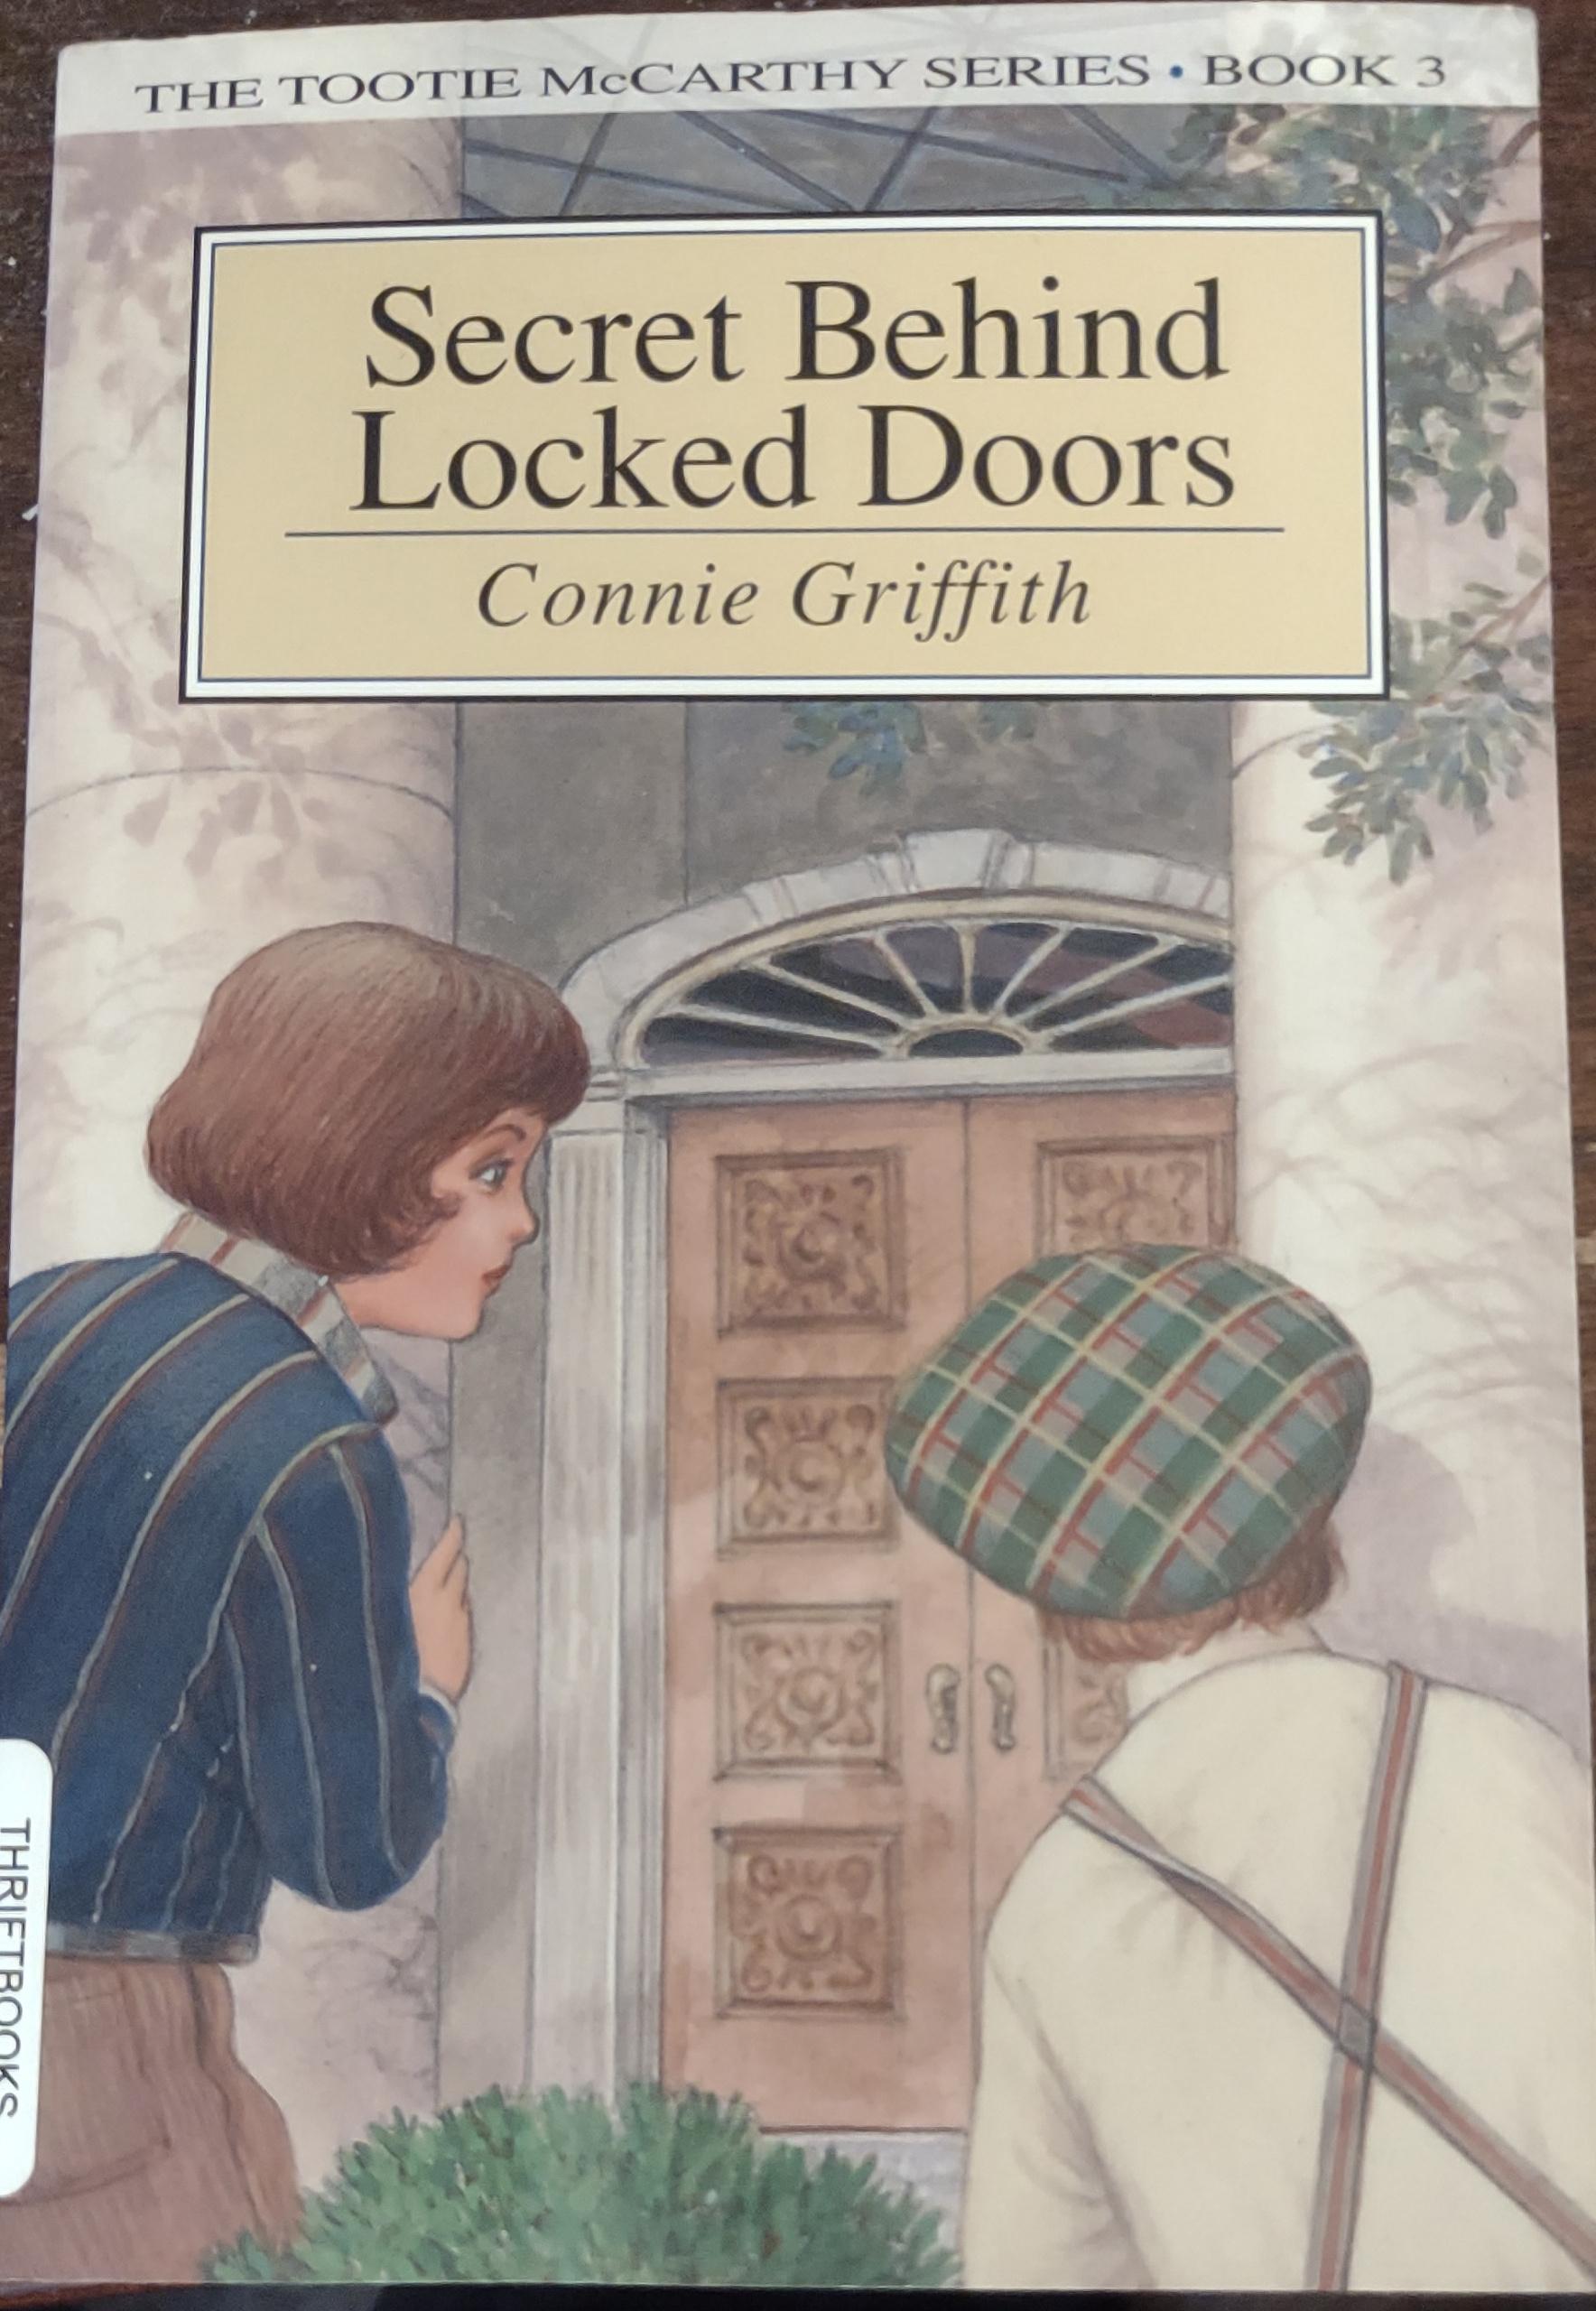 Secret Behind Locked Doors